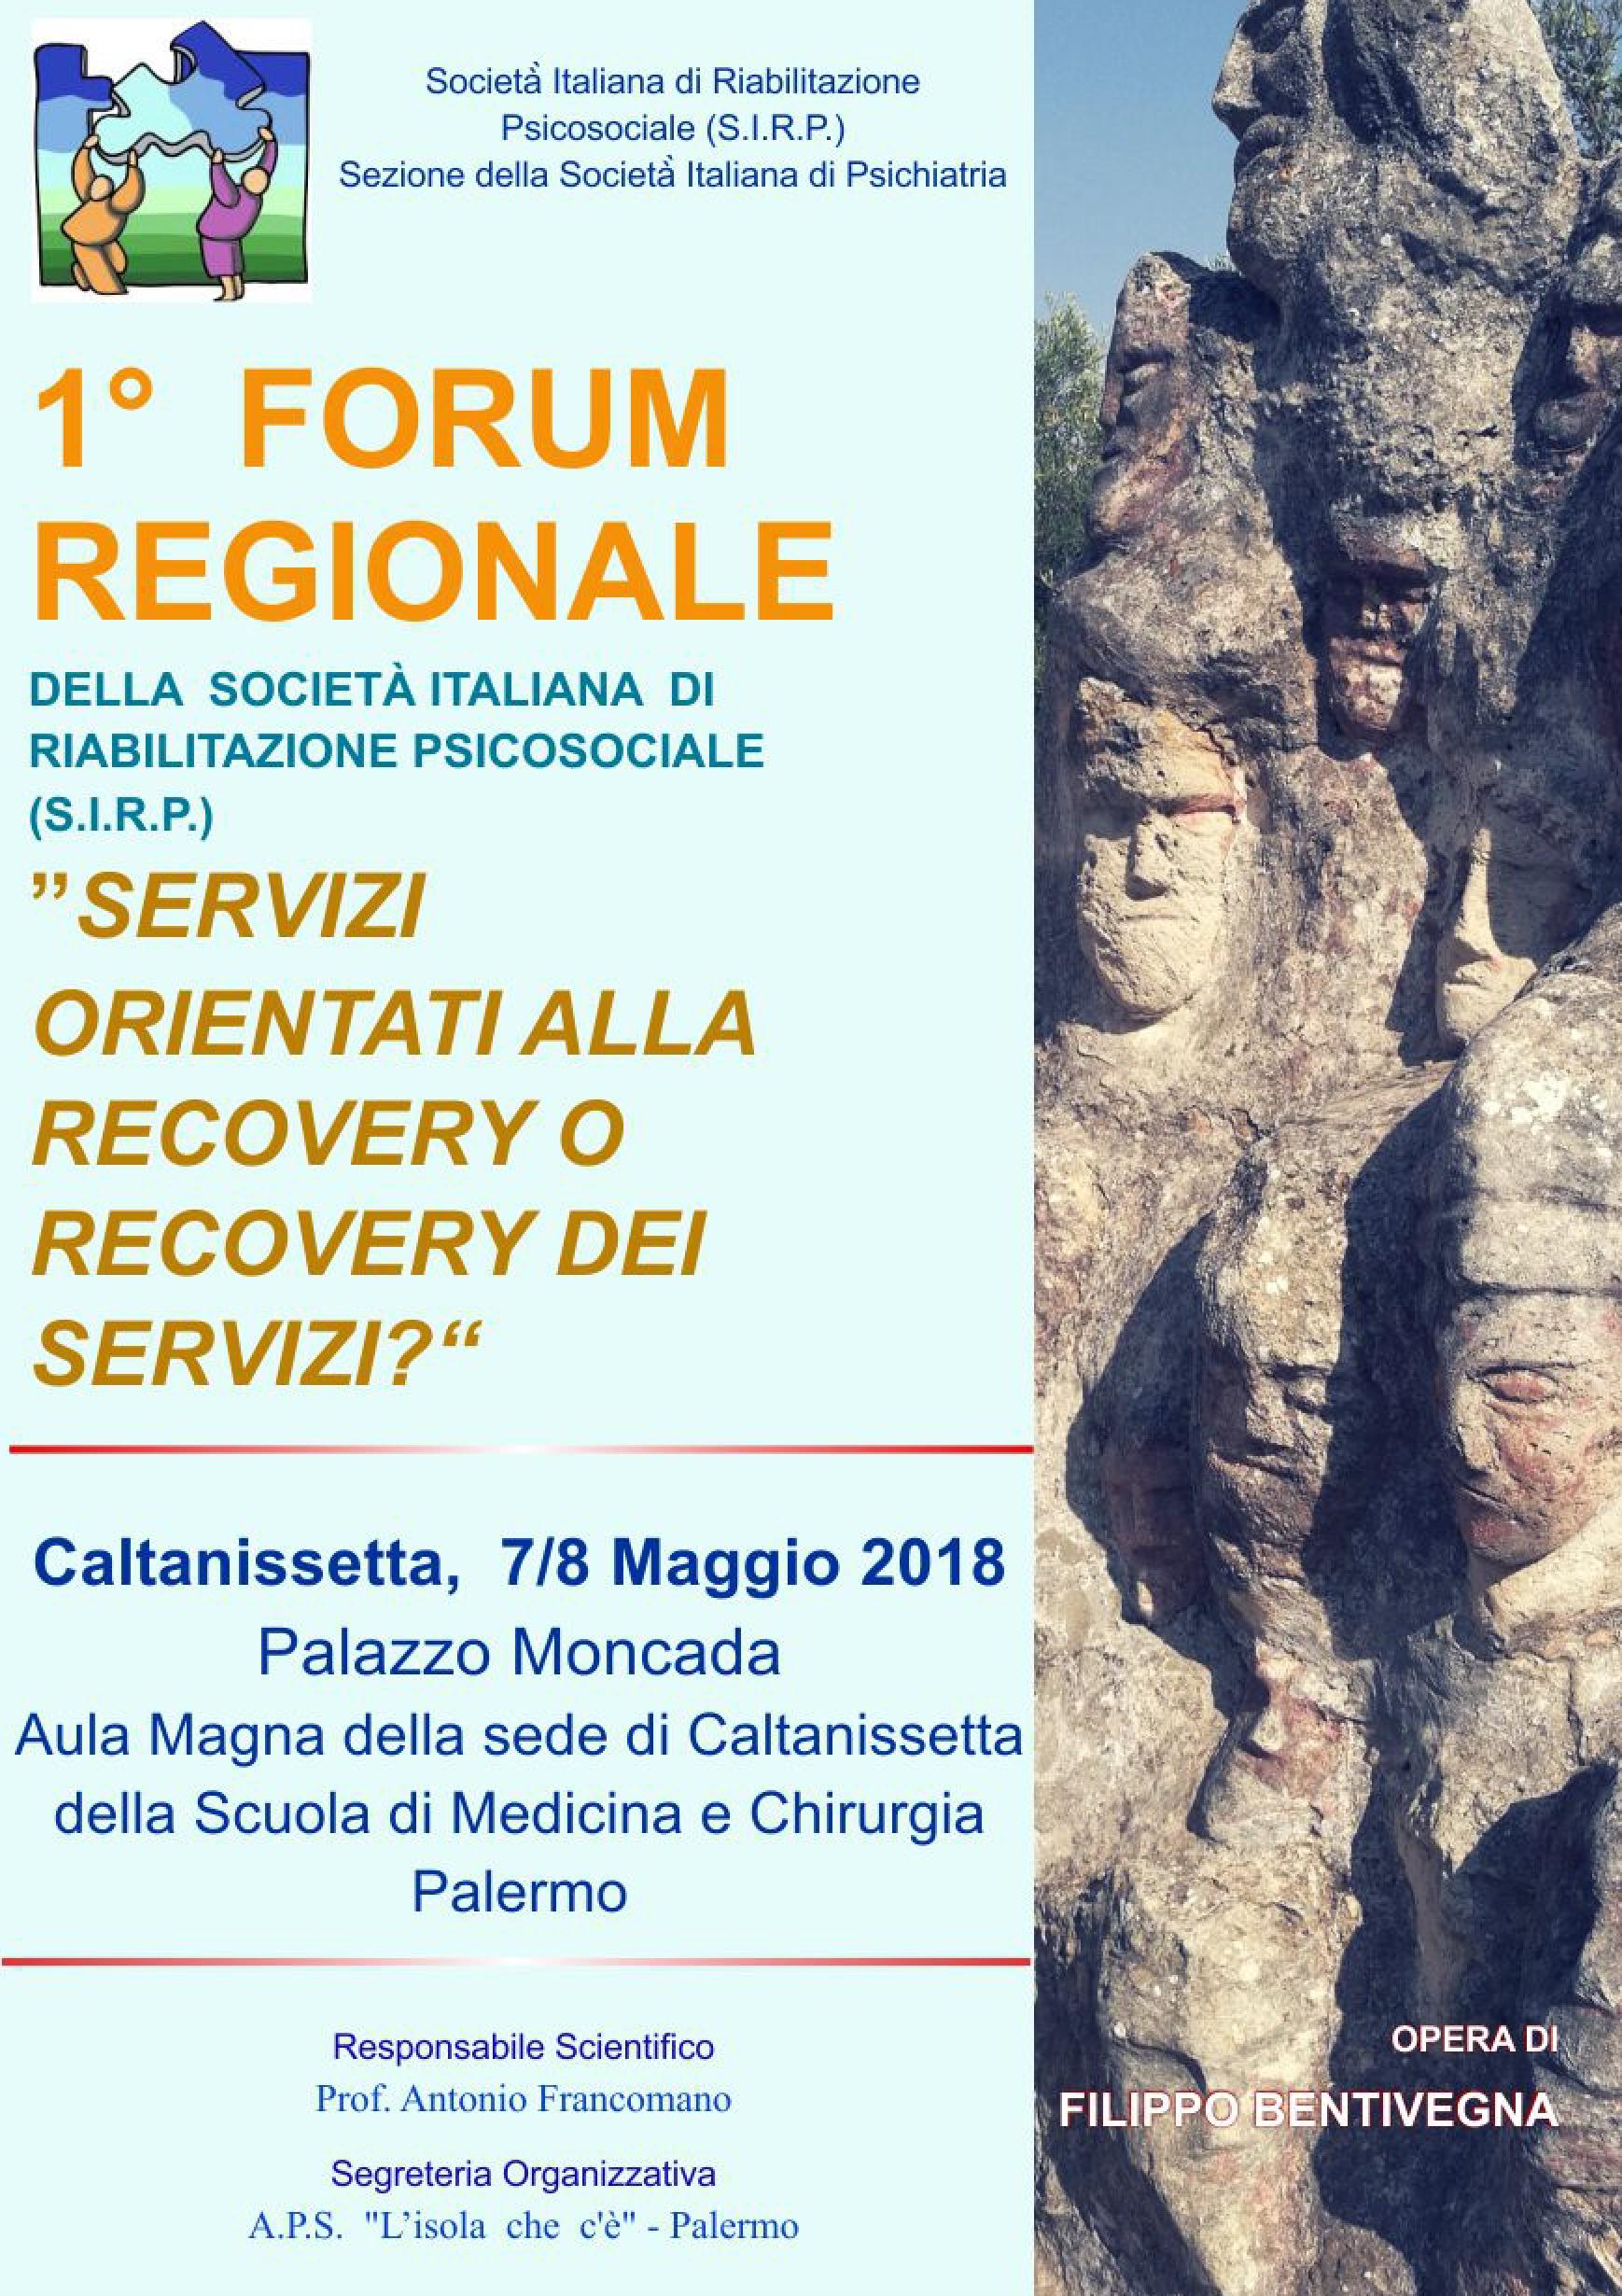 """1° FORUM REGIONALE DELLA SOCIETÀ ITALIANA DI RIABILITAZIONE PSICOSOCIALE (S.I.R.P.) """"SERVIZI ORIENTATI ALLA RECOVERY O RECOVERY DEI SERVIZI?"""""""